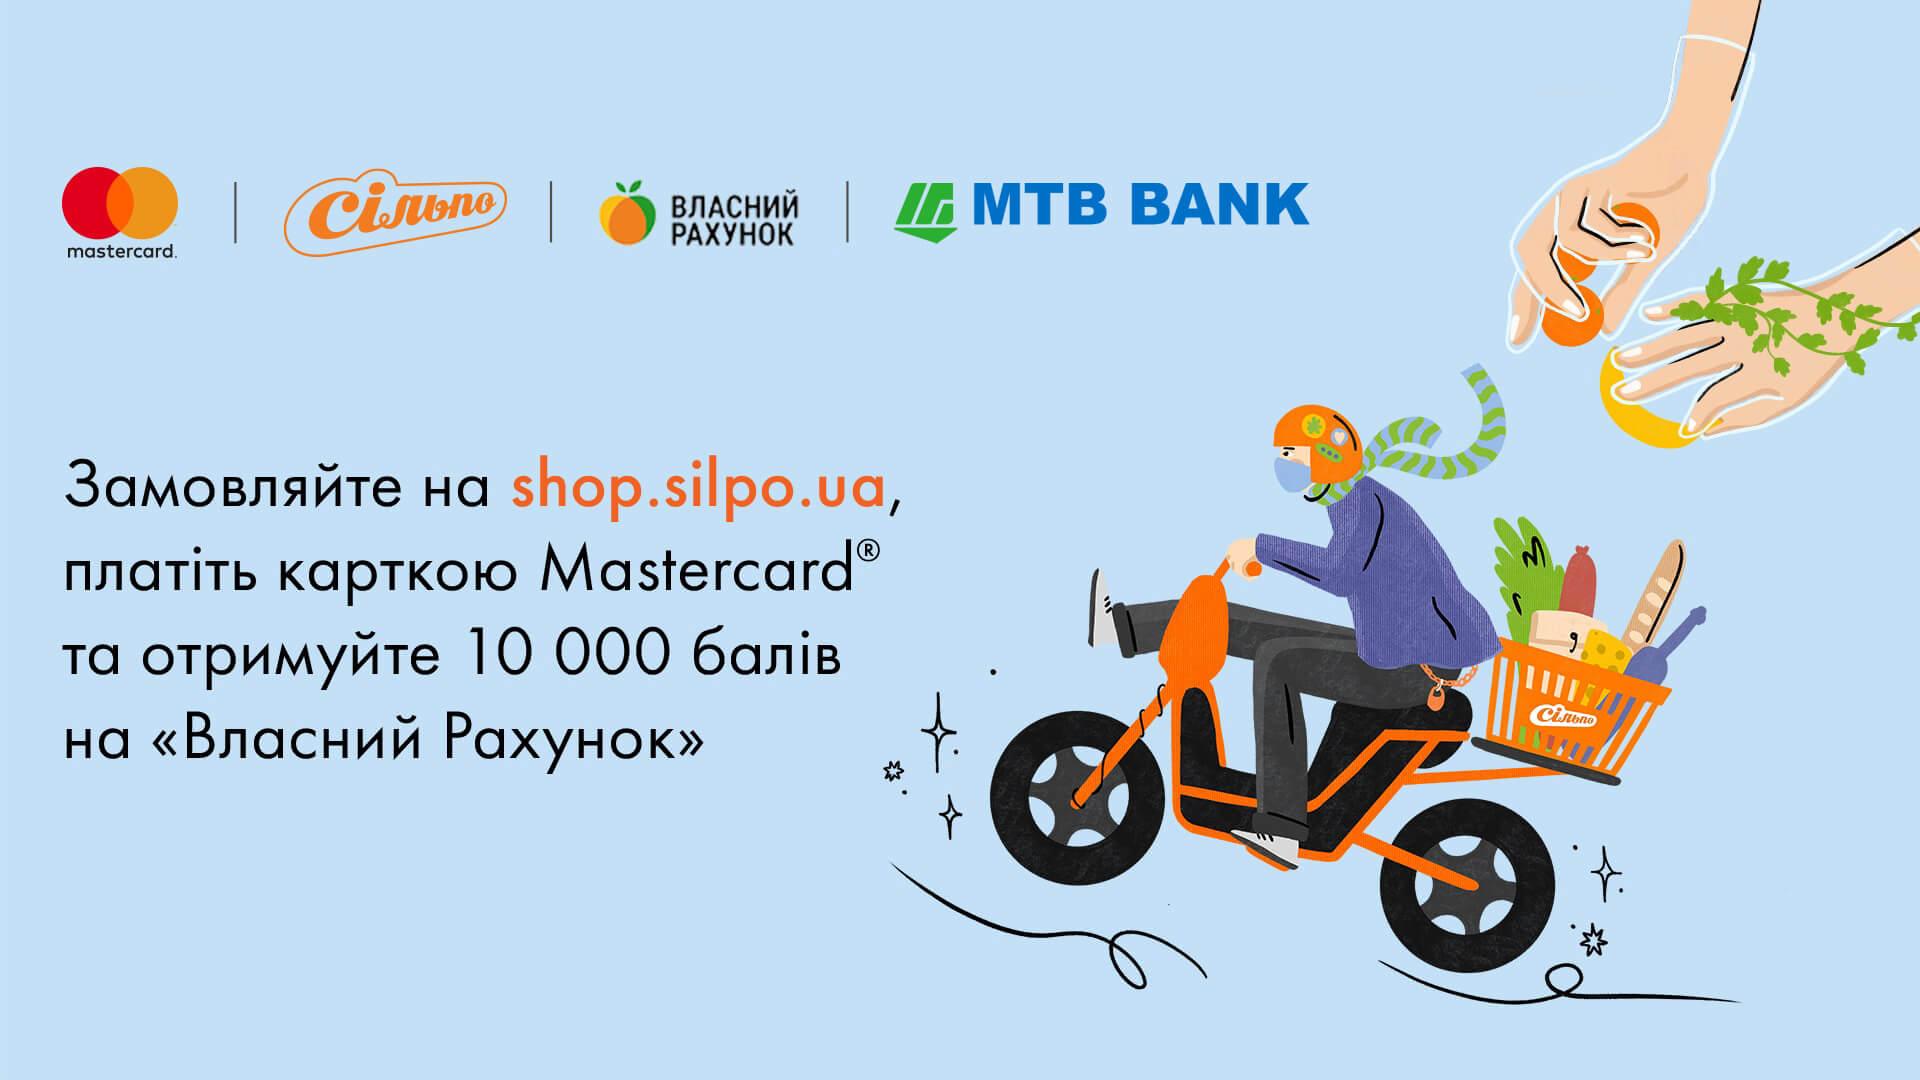 10 000 балів на «Власний Рахунок» за замовлення та оплату карткою Mastercard. - фото - mtb.ua